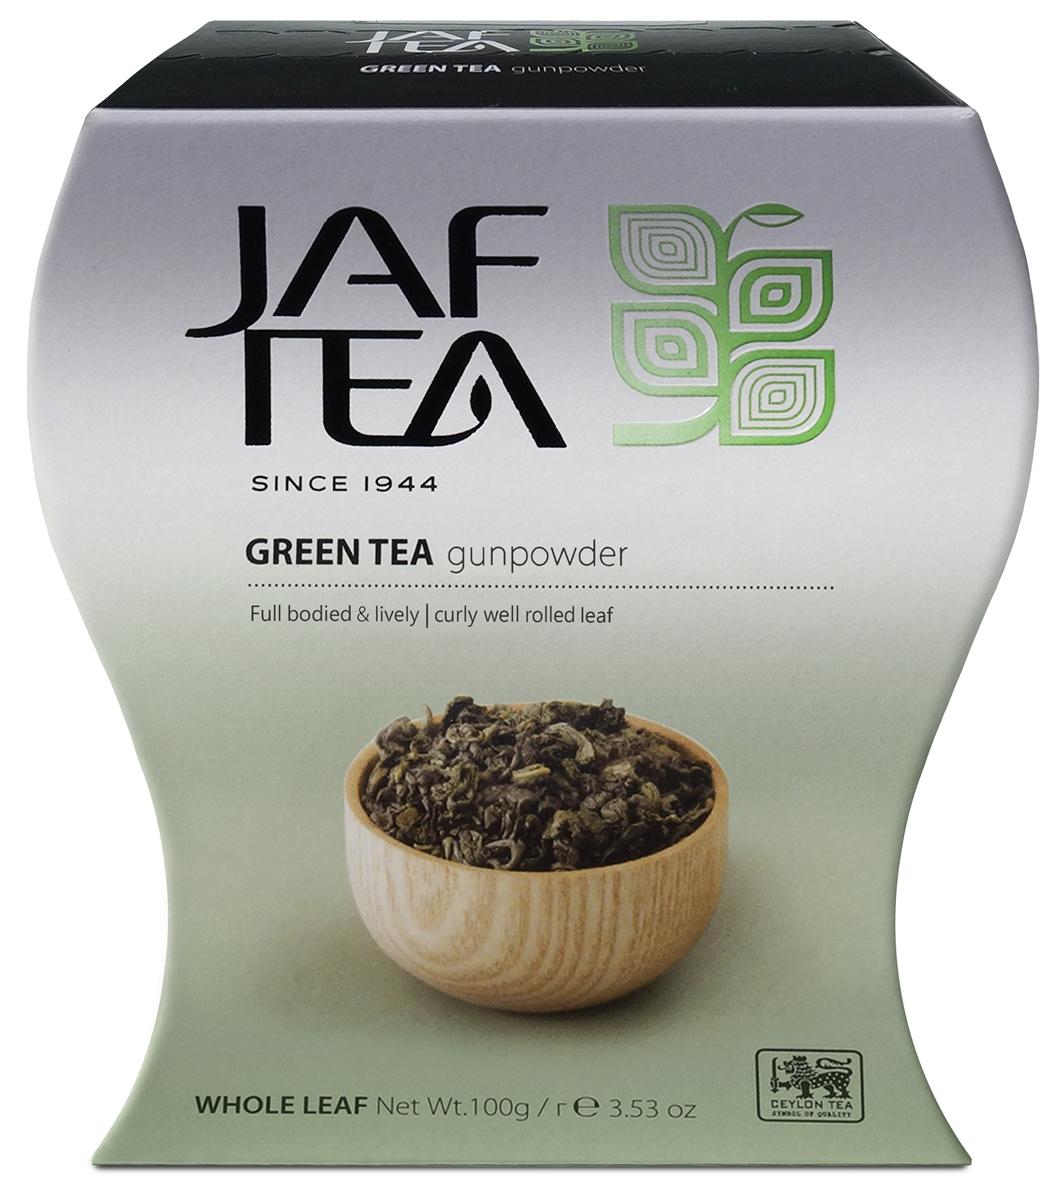 Jaf Tea GunPowder чай зеленый листовой, 100 г modern tea дахунпао 20 пакетиков растворимый чай 100